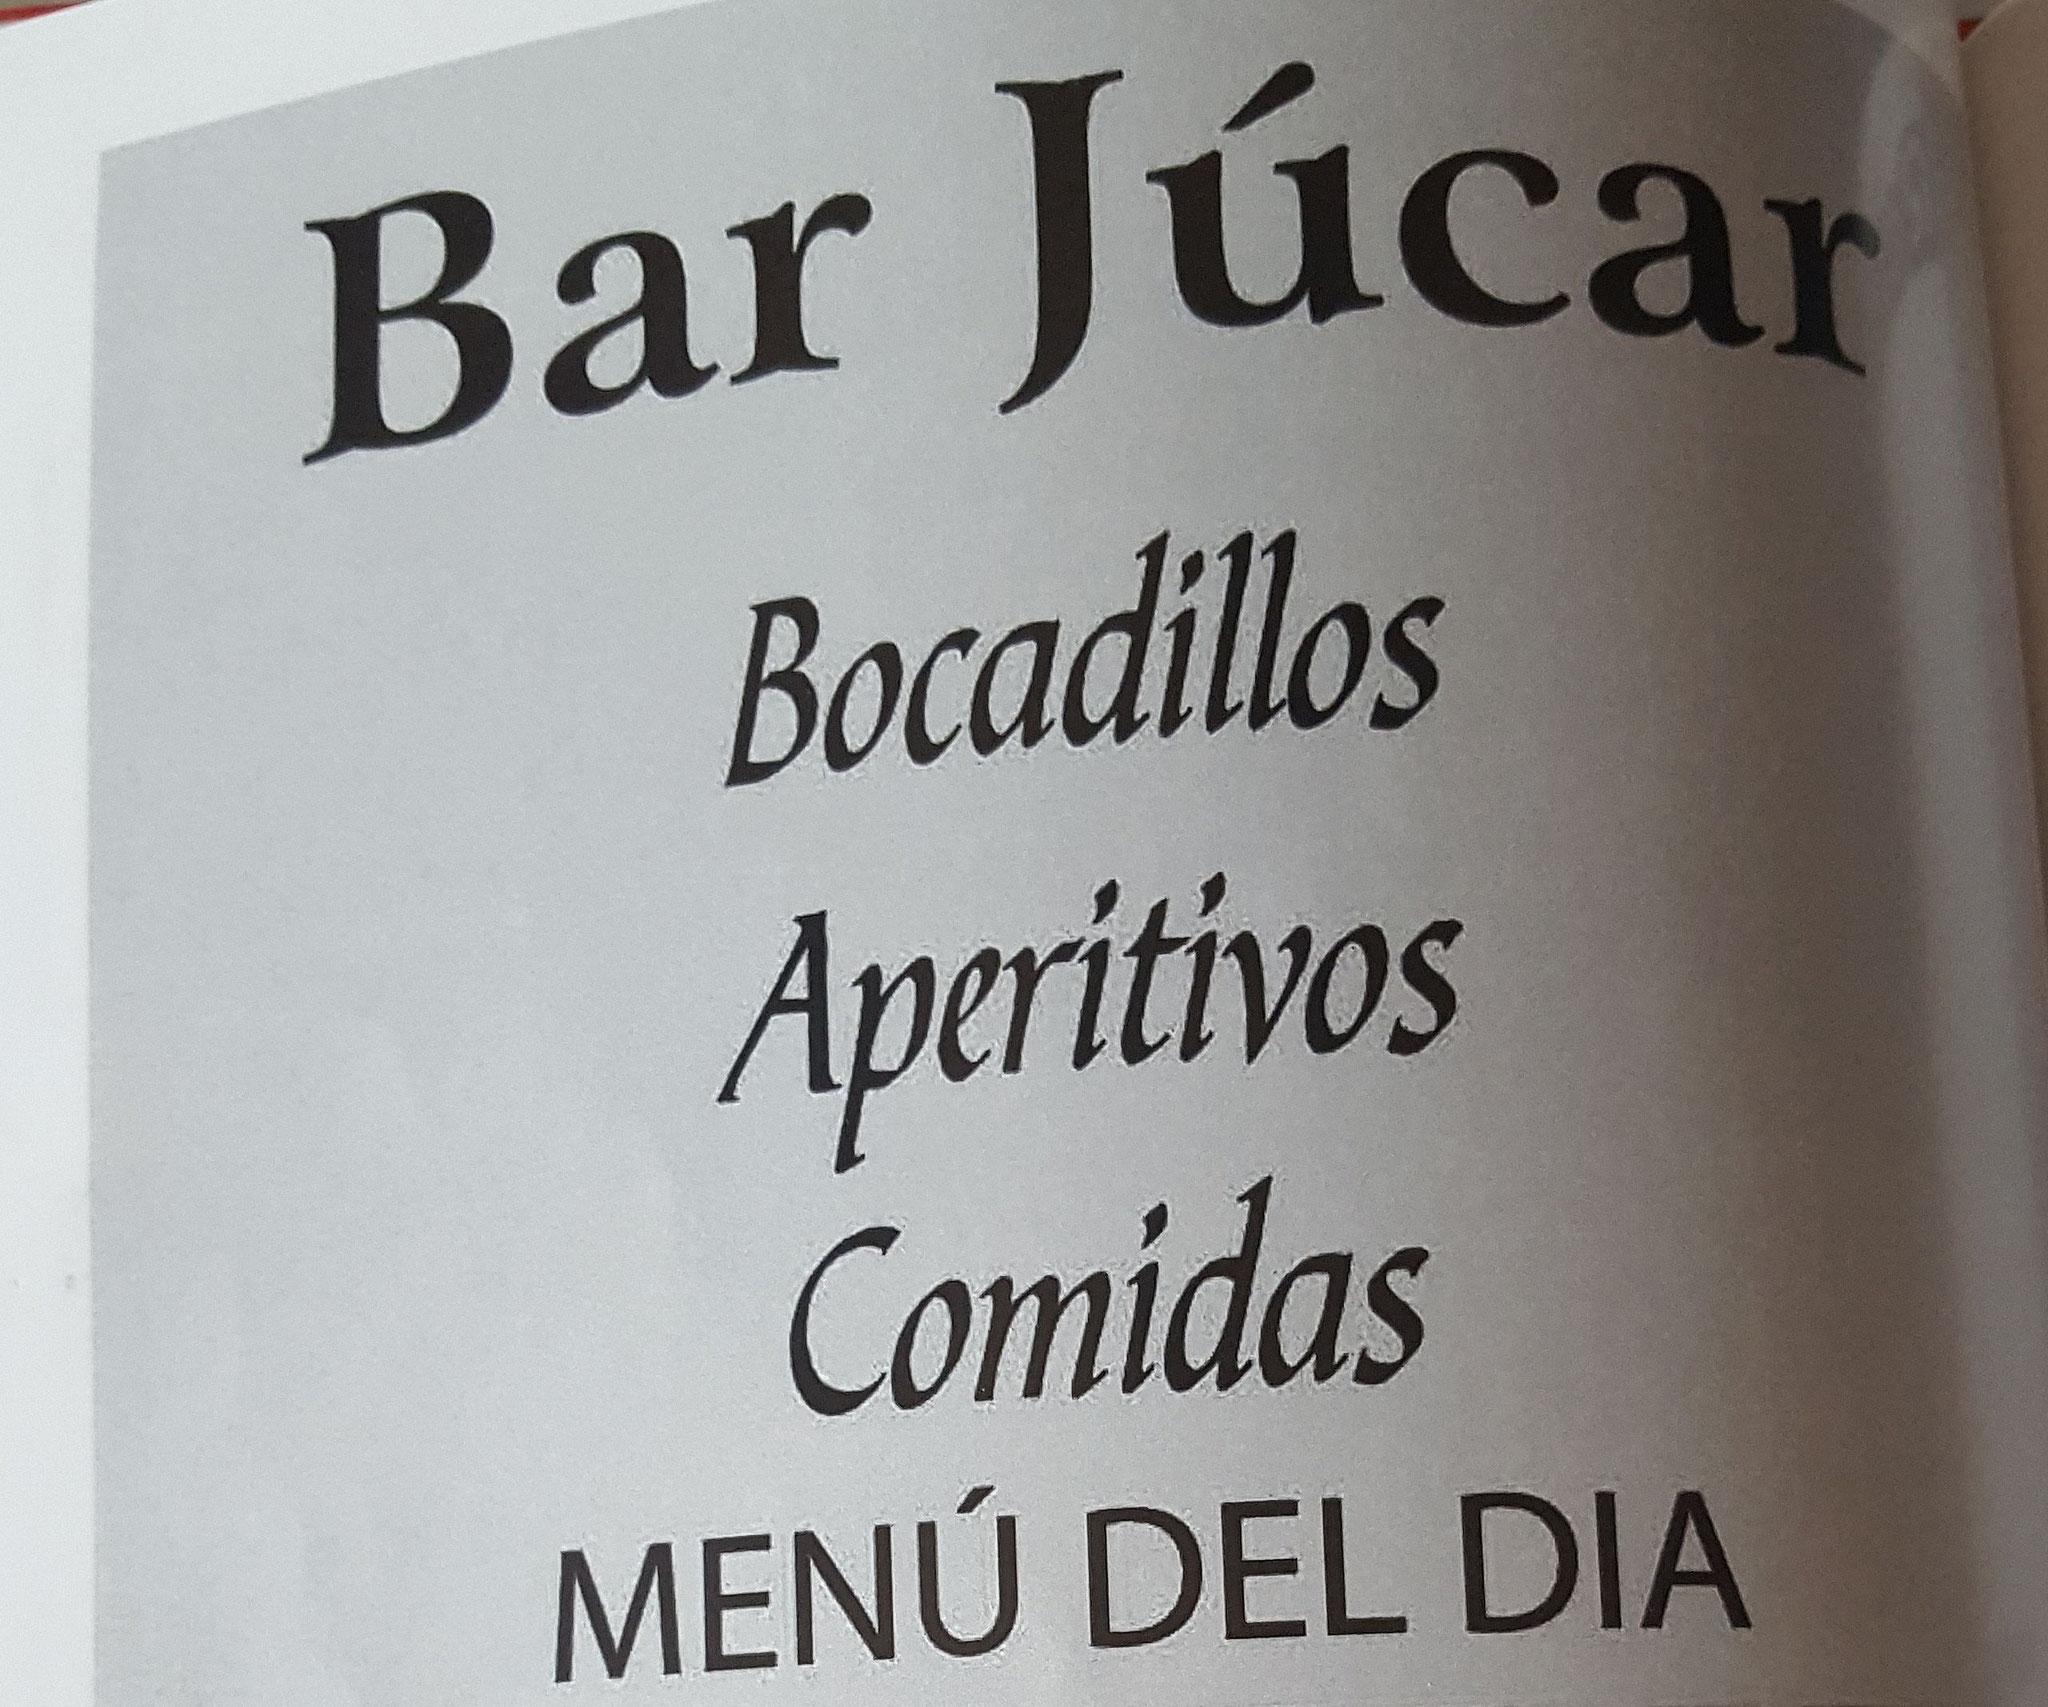 BAR JUCAR